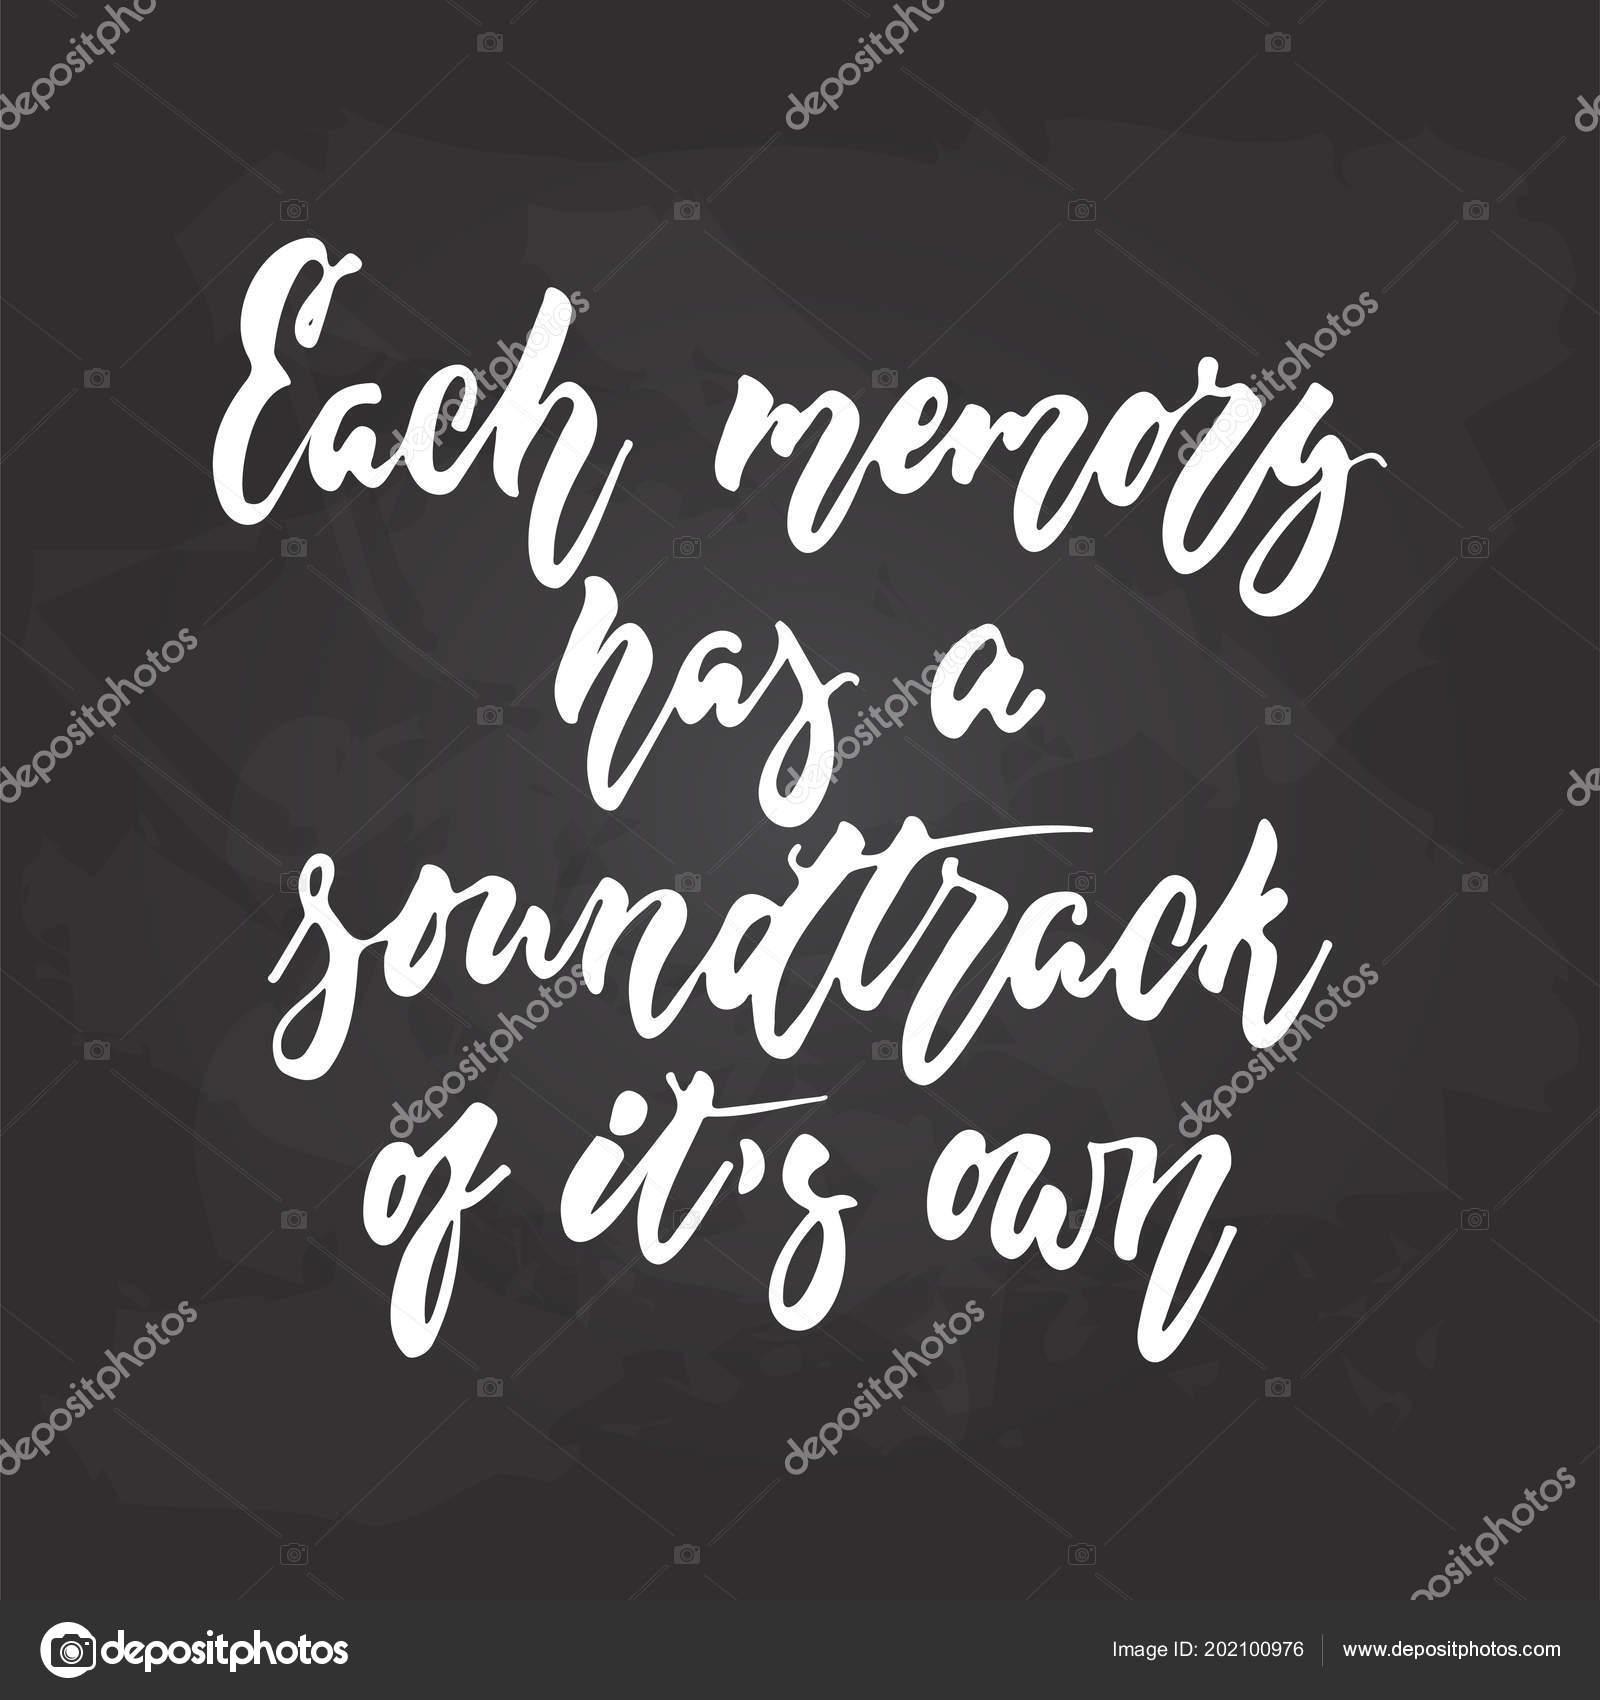 Cada Memória Tem Uma Trilha Sonora De Seu Próprios Mão